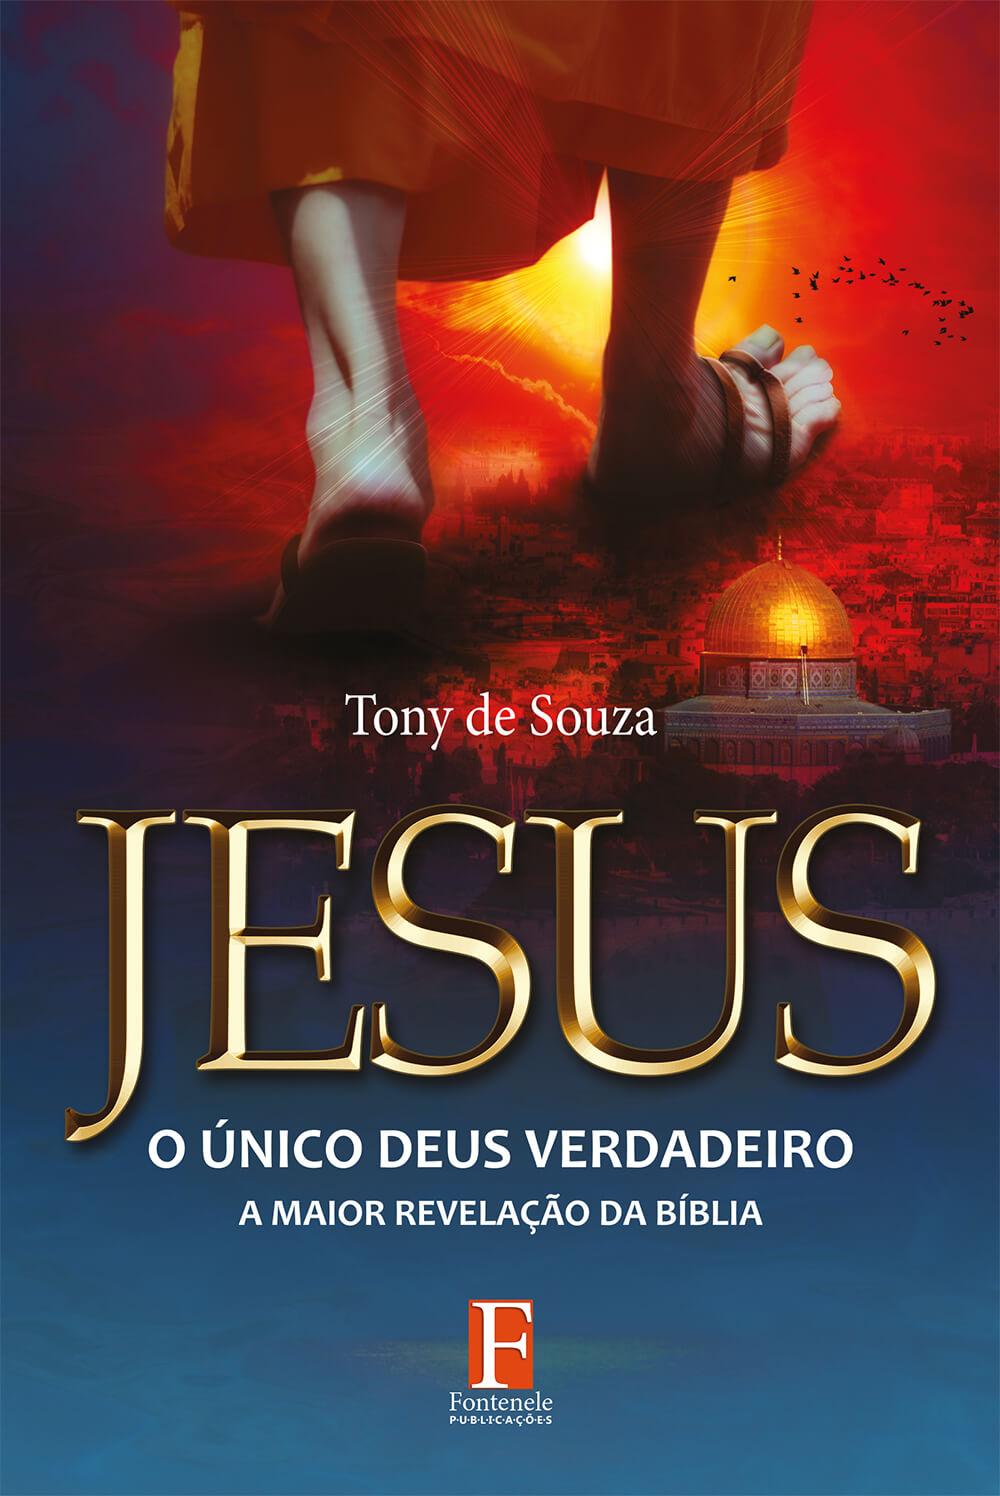 Fontenele Publicações / 11 95150-3481 / 11  95150-4383 Jesus o Único Deus Verdadeiro – A Maior Revelação da Bíblia